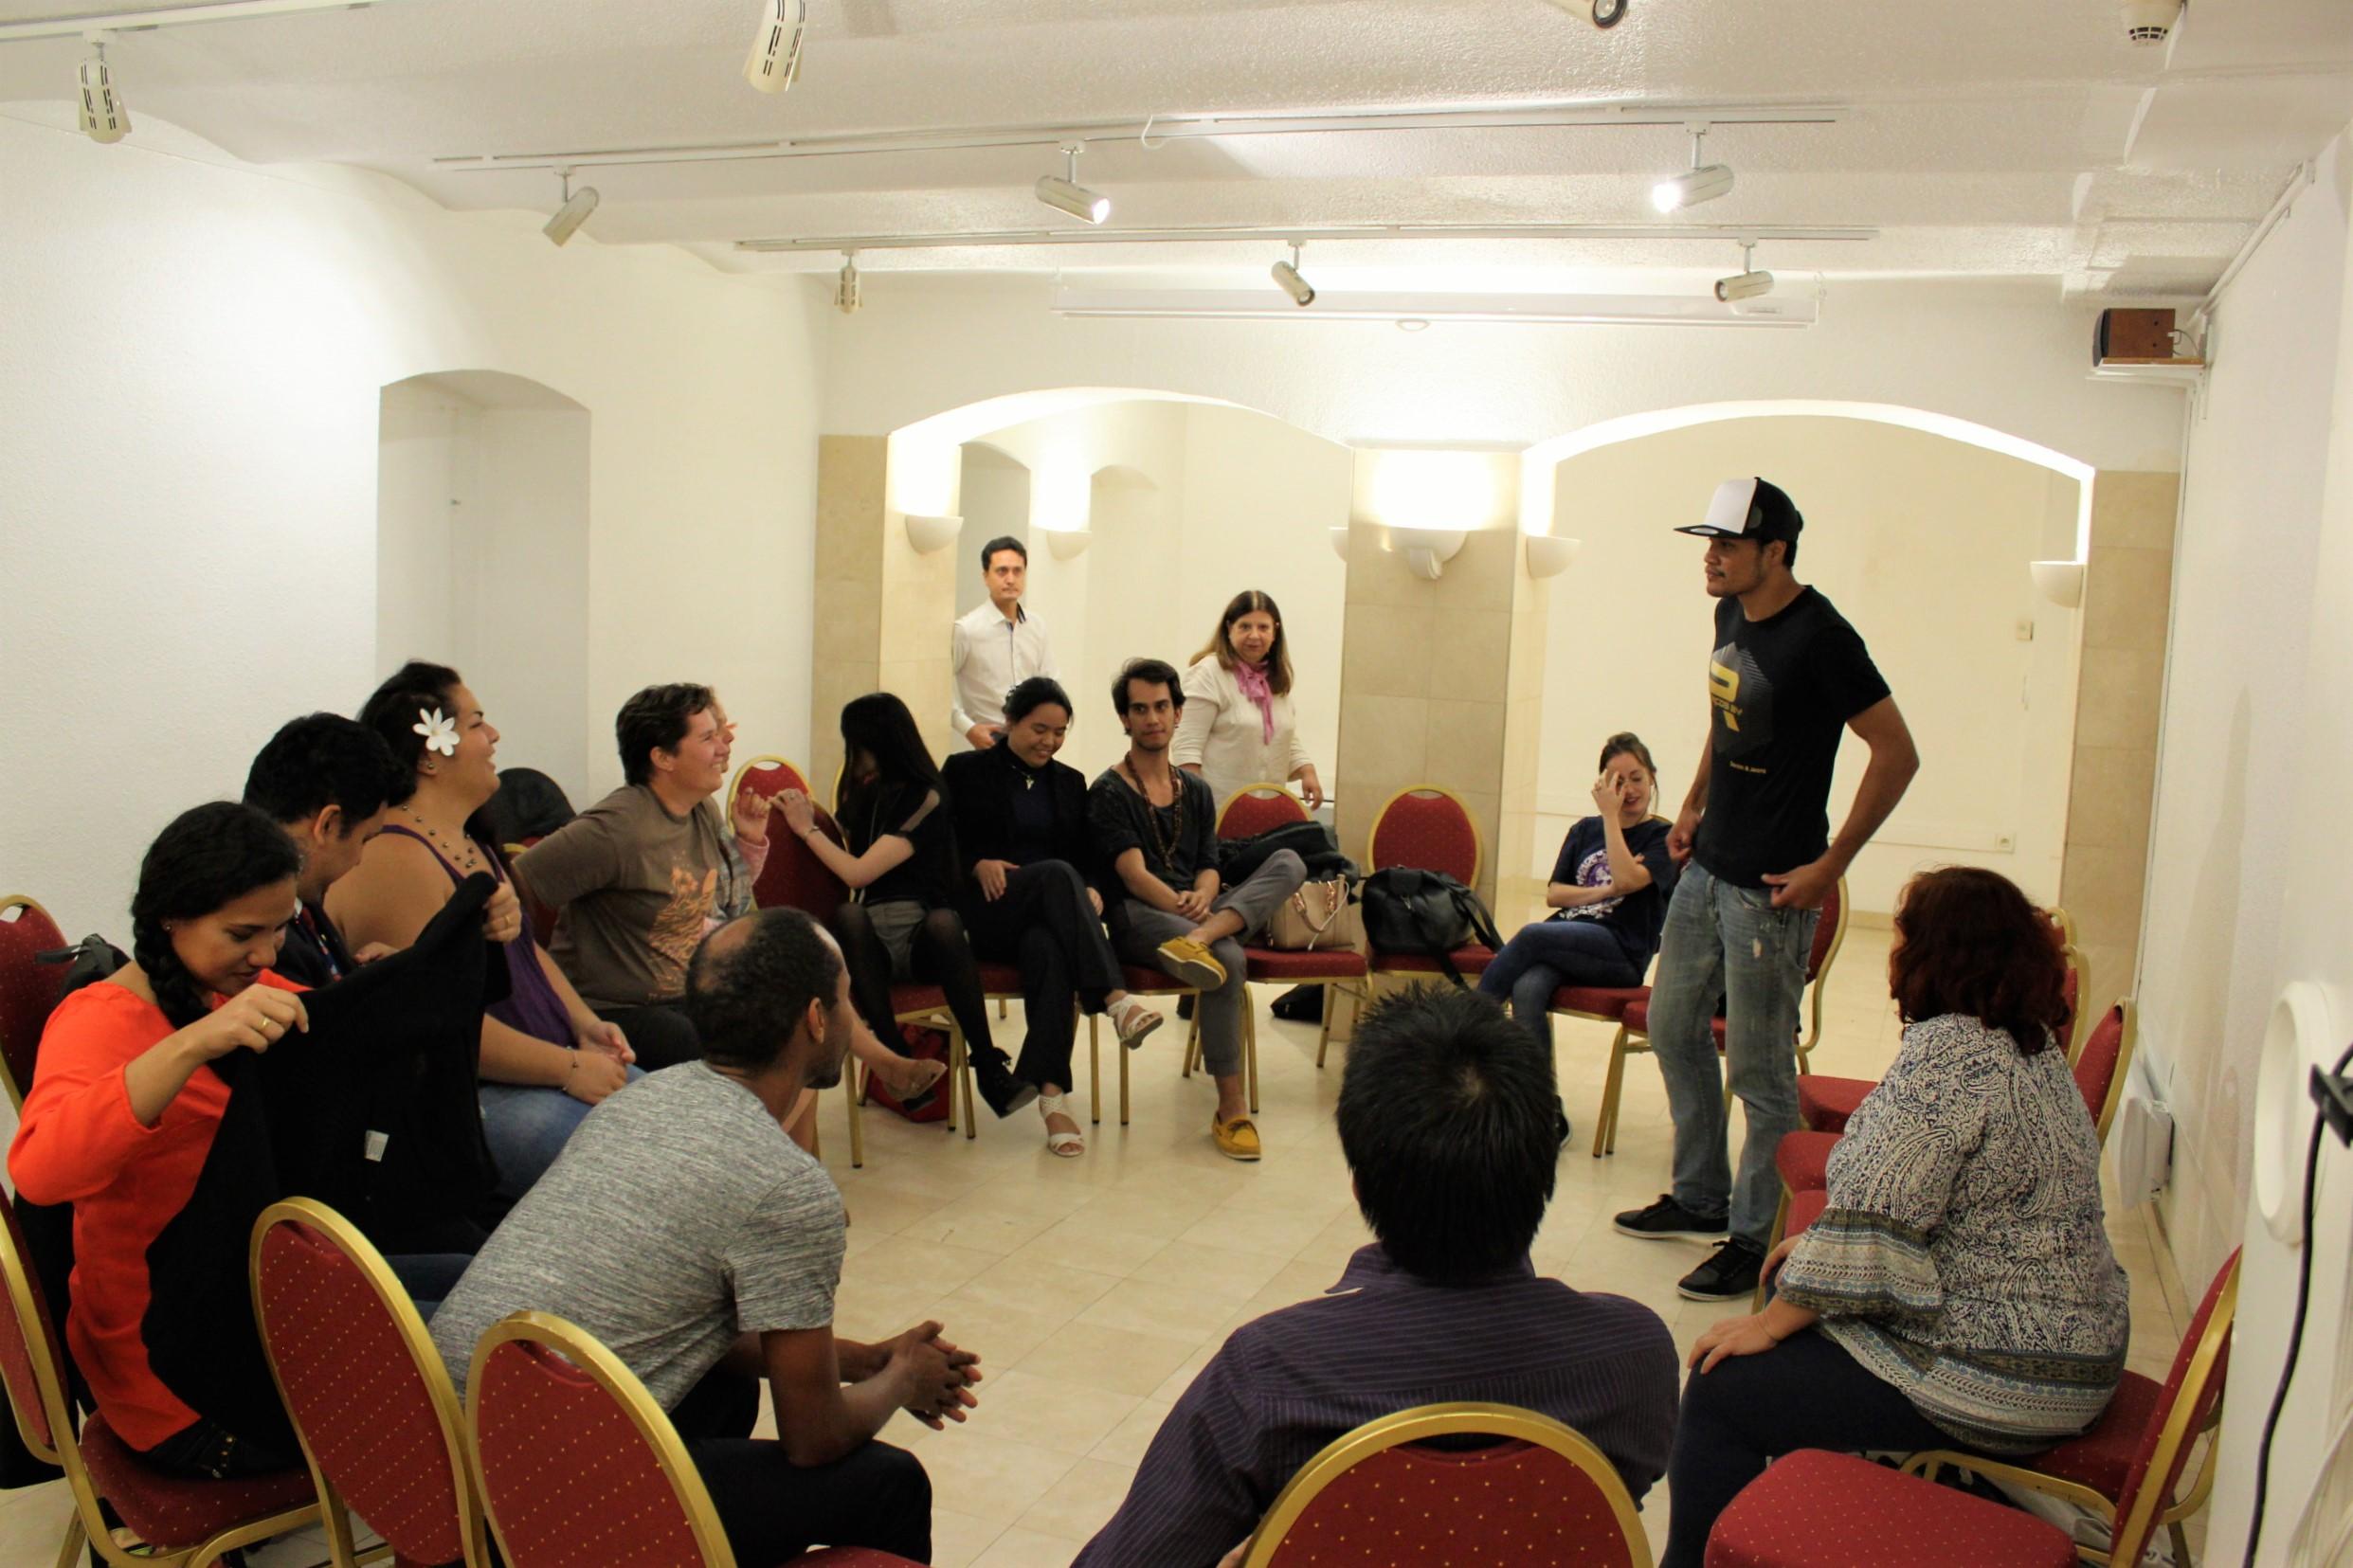 Lors de son séjour, Mana a rencontré d'autres jeunes polynésiens installés à Paris ©T. Faatau / Outremers360